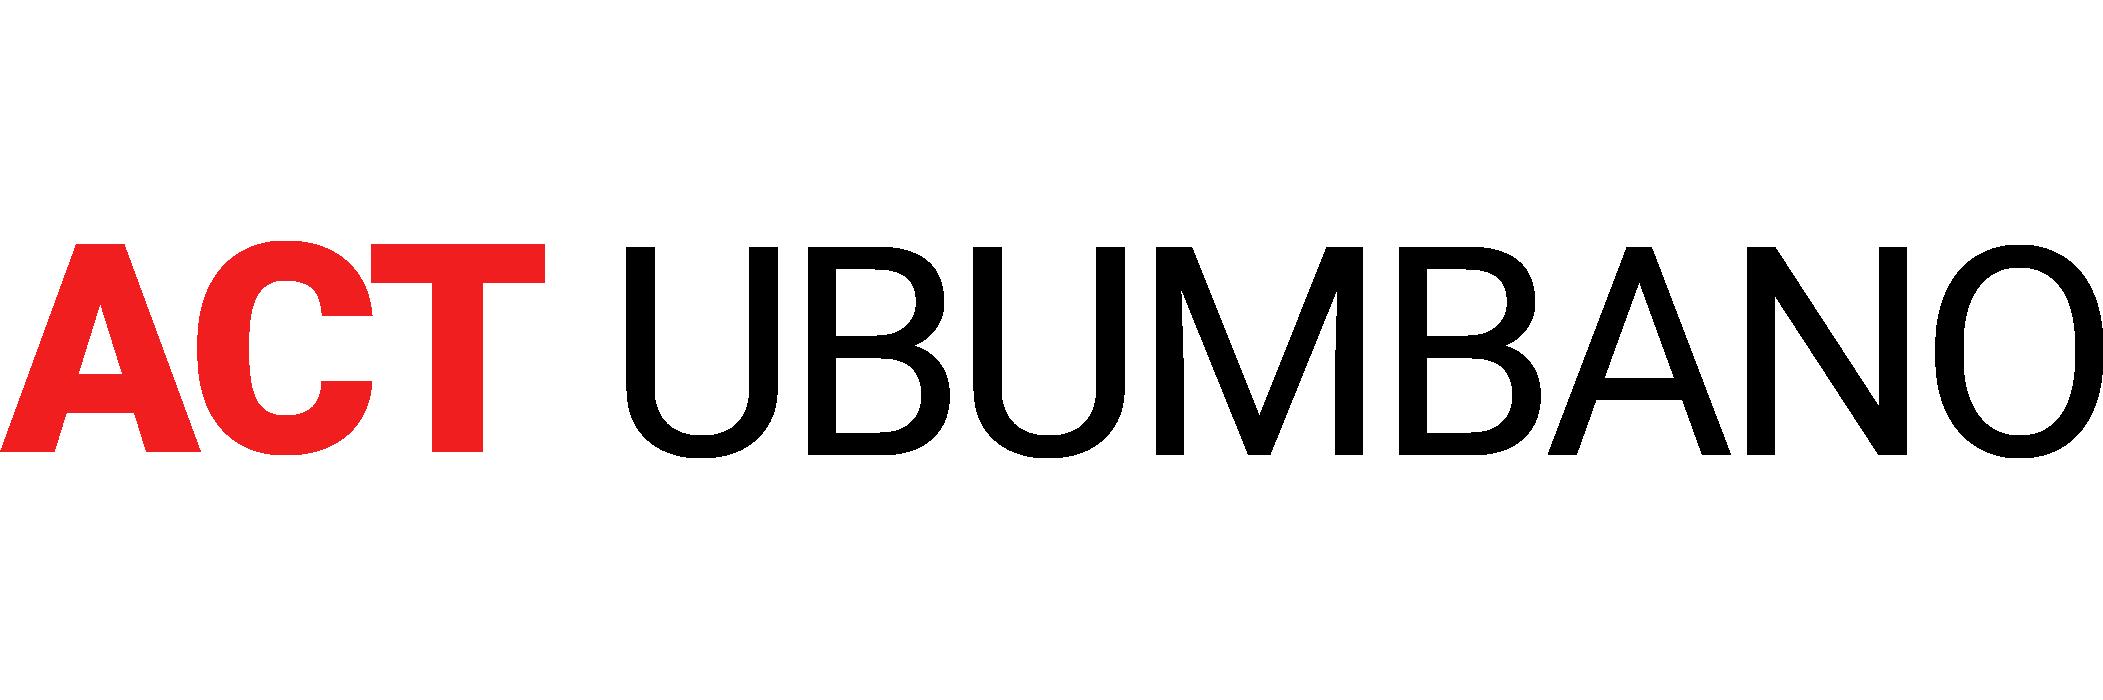 Act Ubumbano